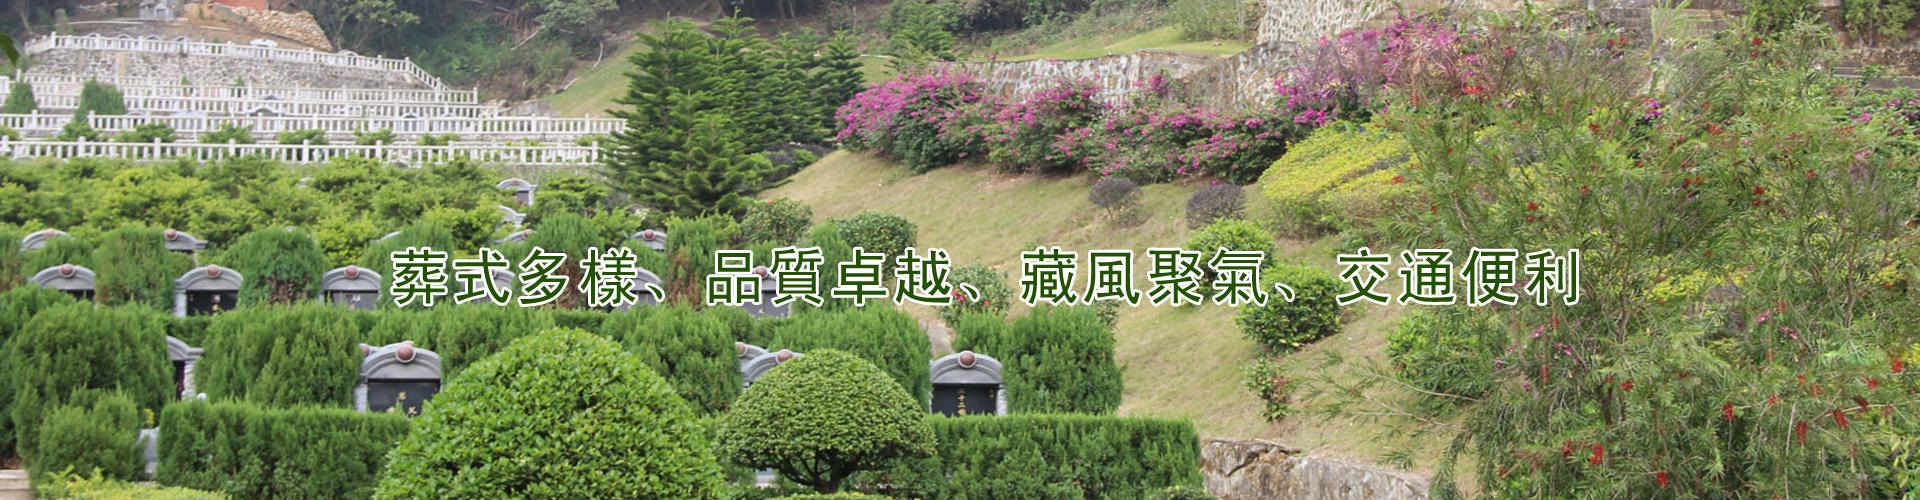 罗浮山广州墓园